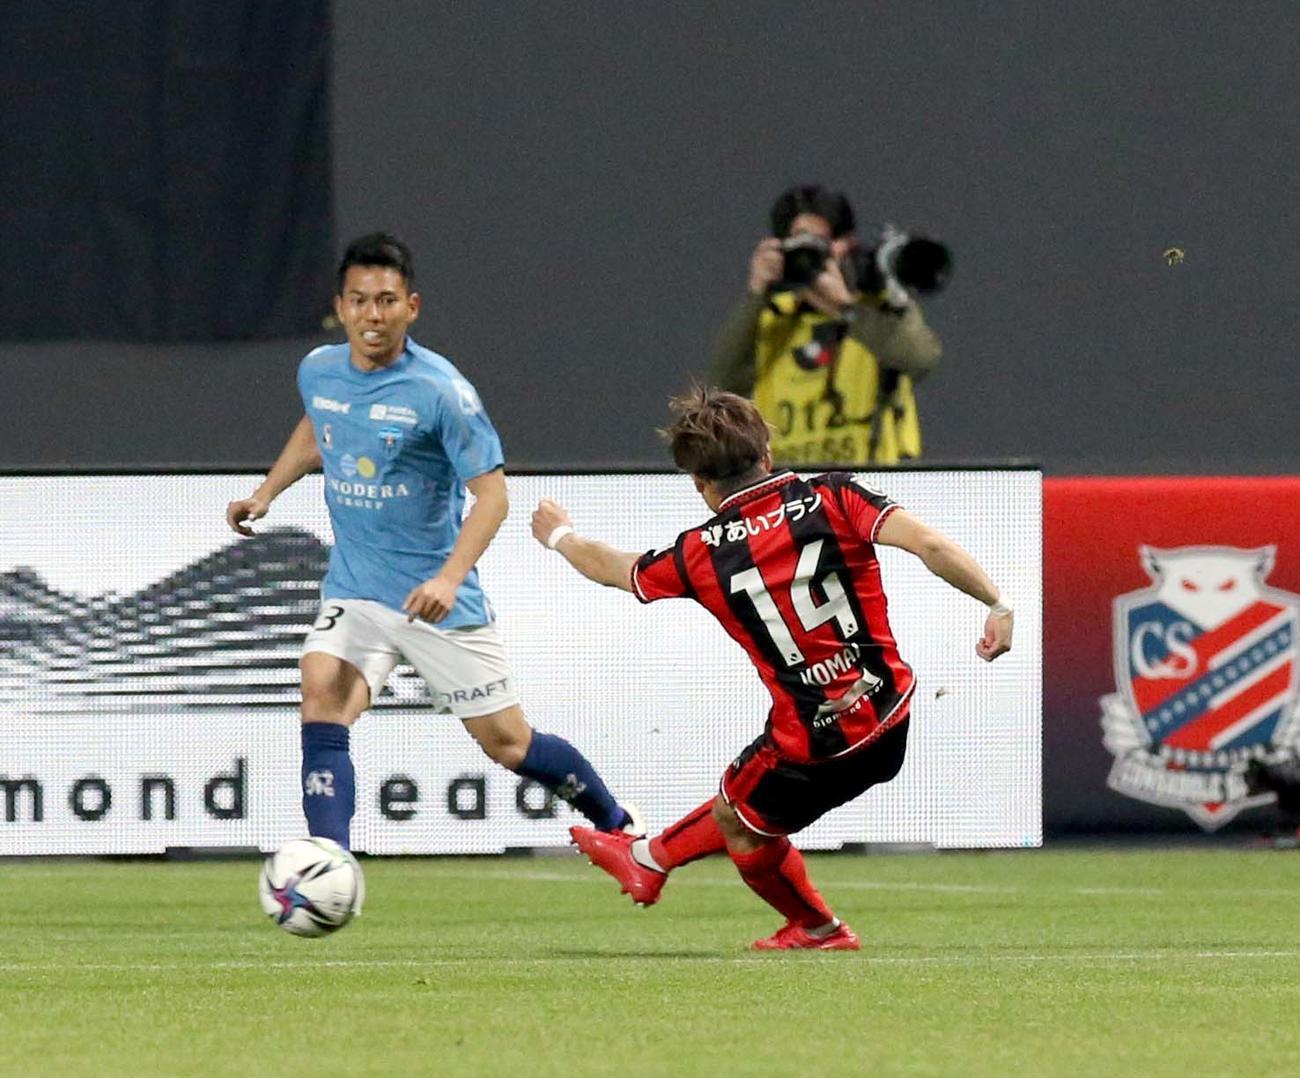 札幌対横浜FC 前半2分、ゴールを決める札幌MF駒井(撮影・佐藤翔太)